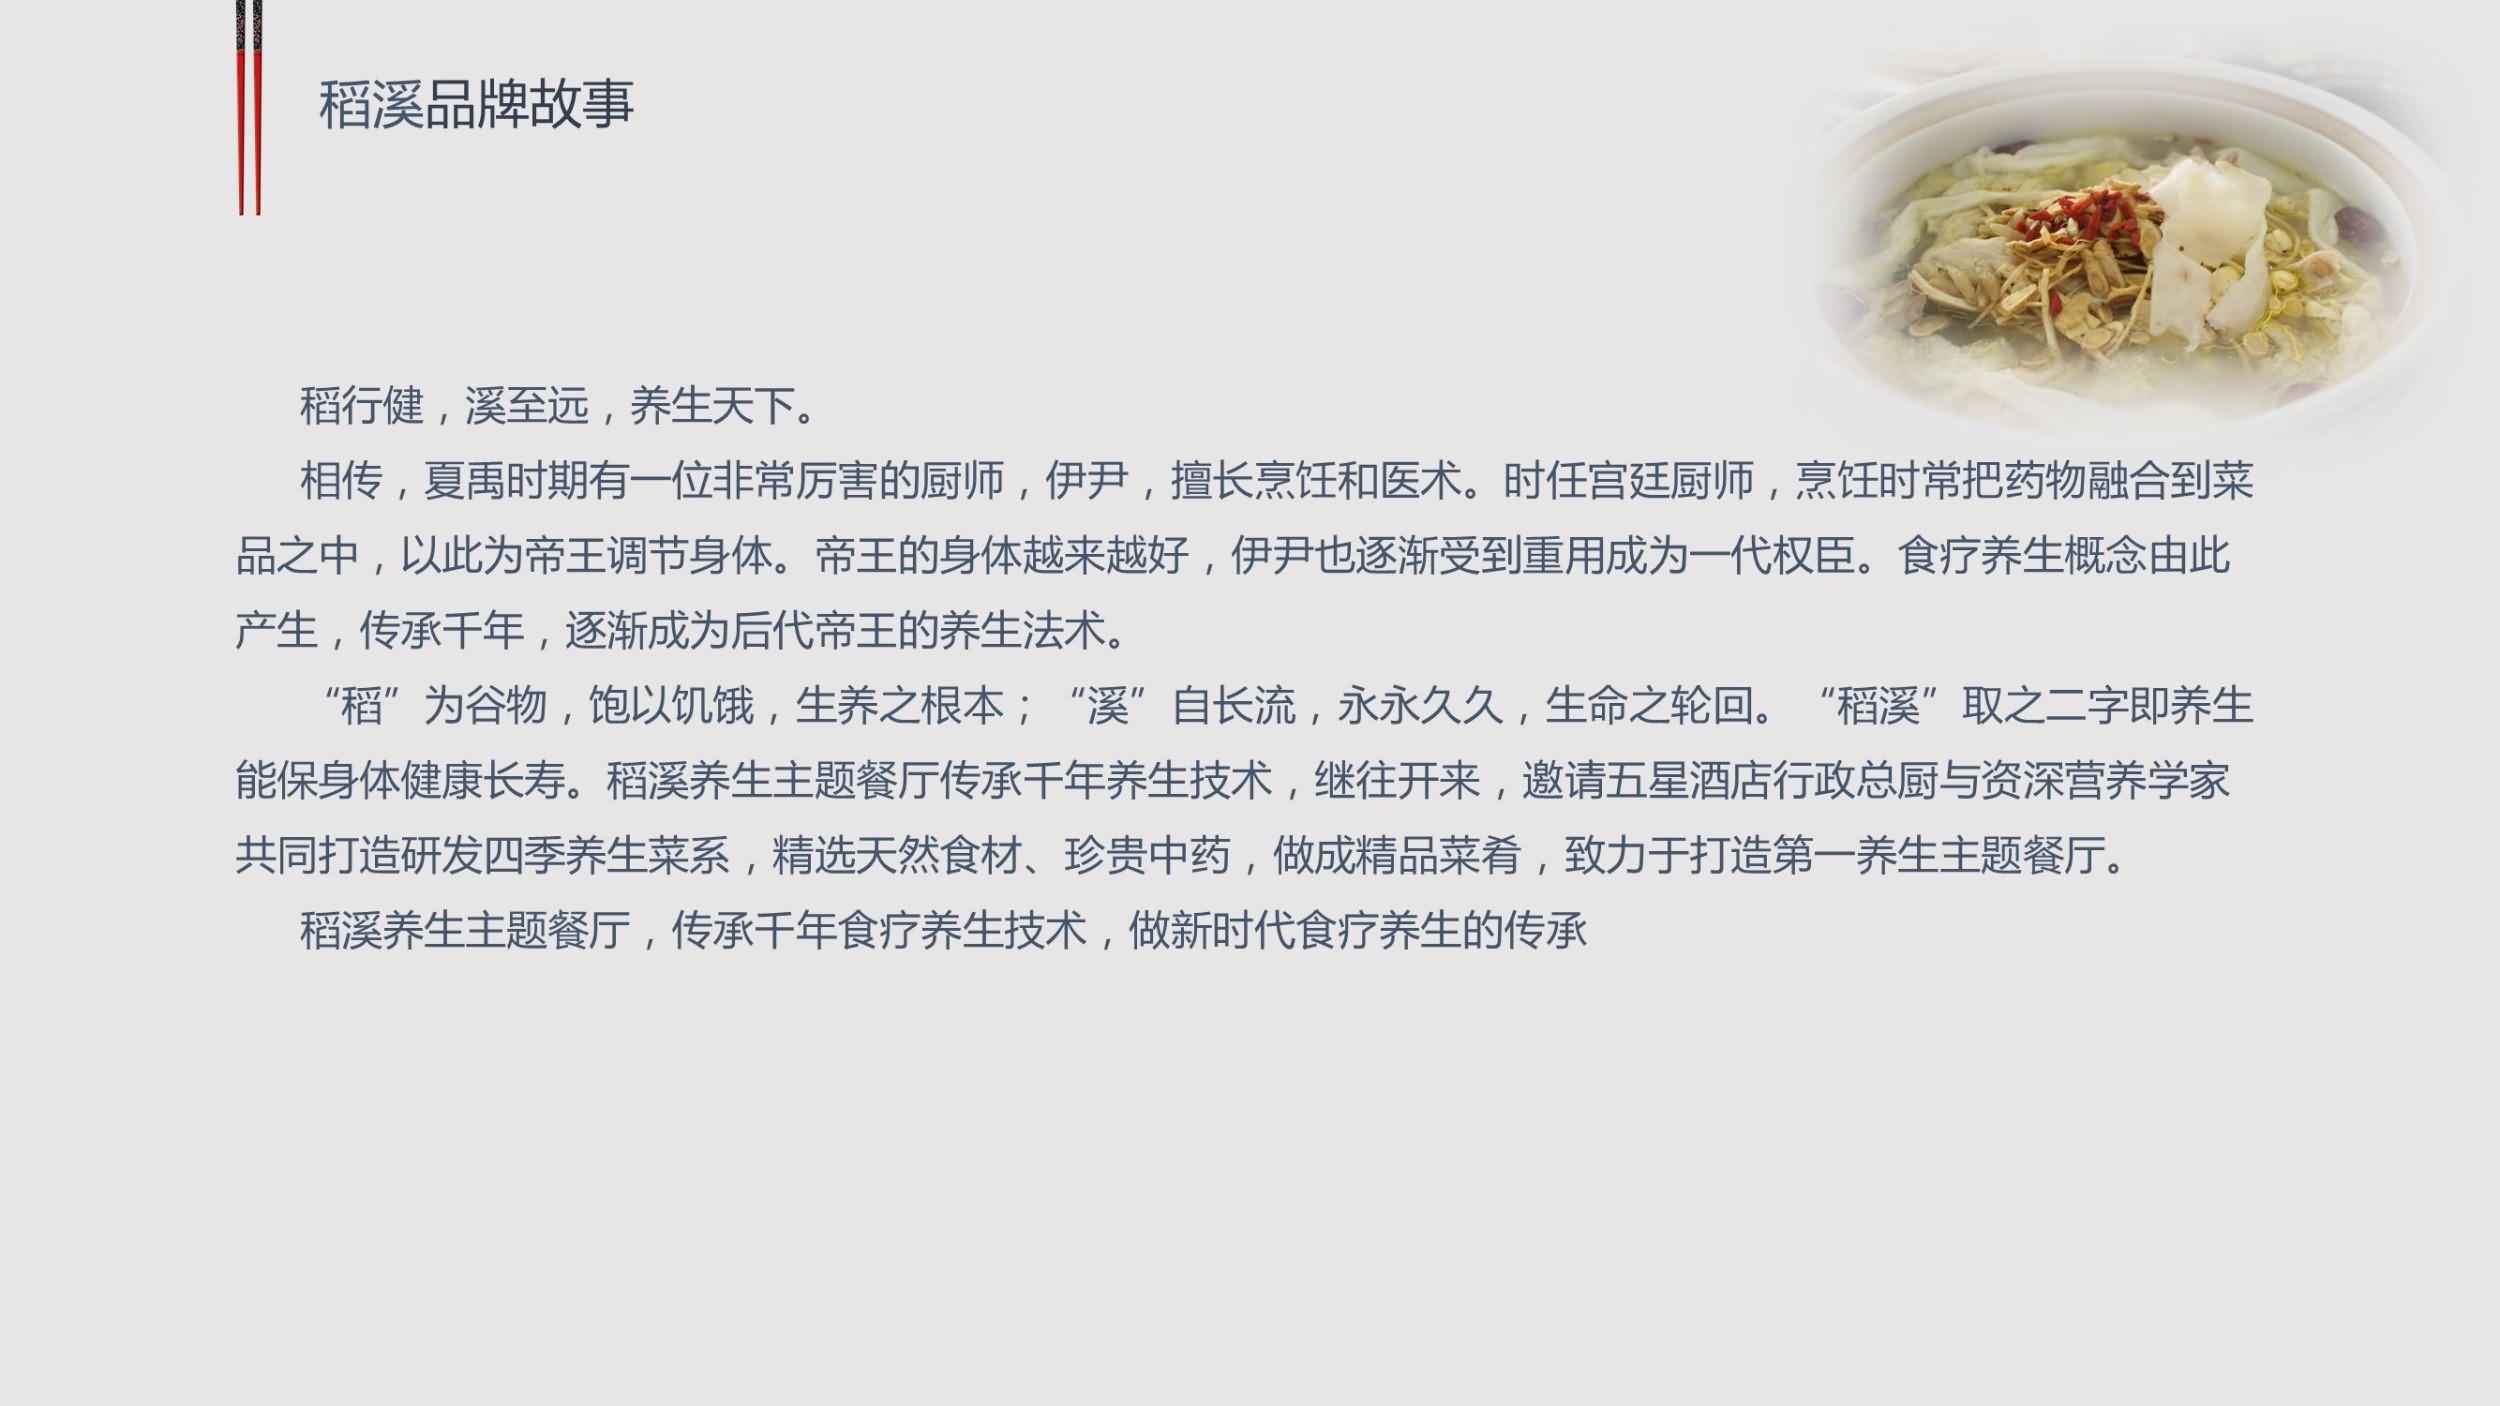 香港樂源餐飲集團有限公司24